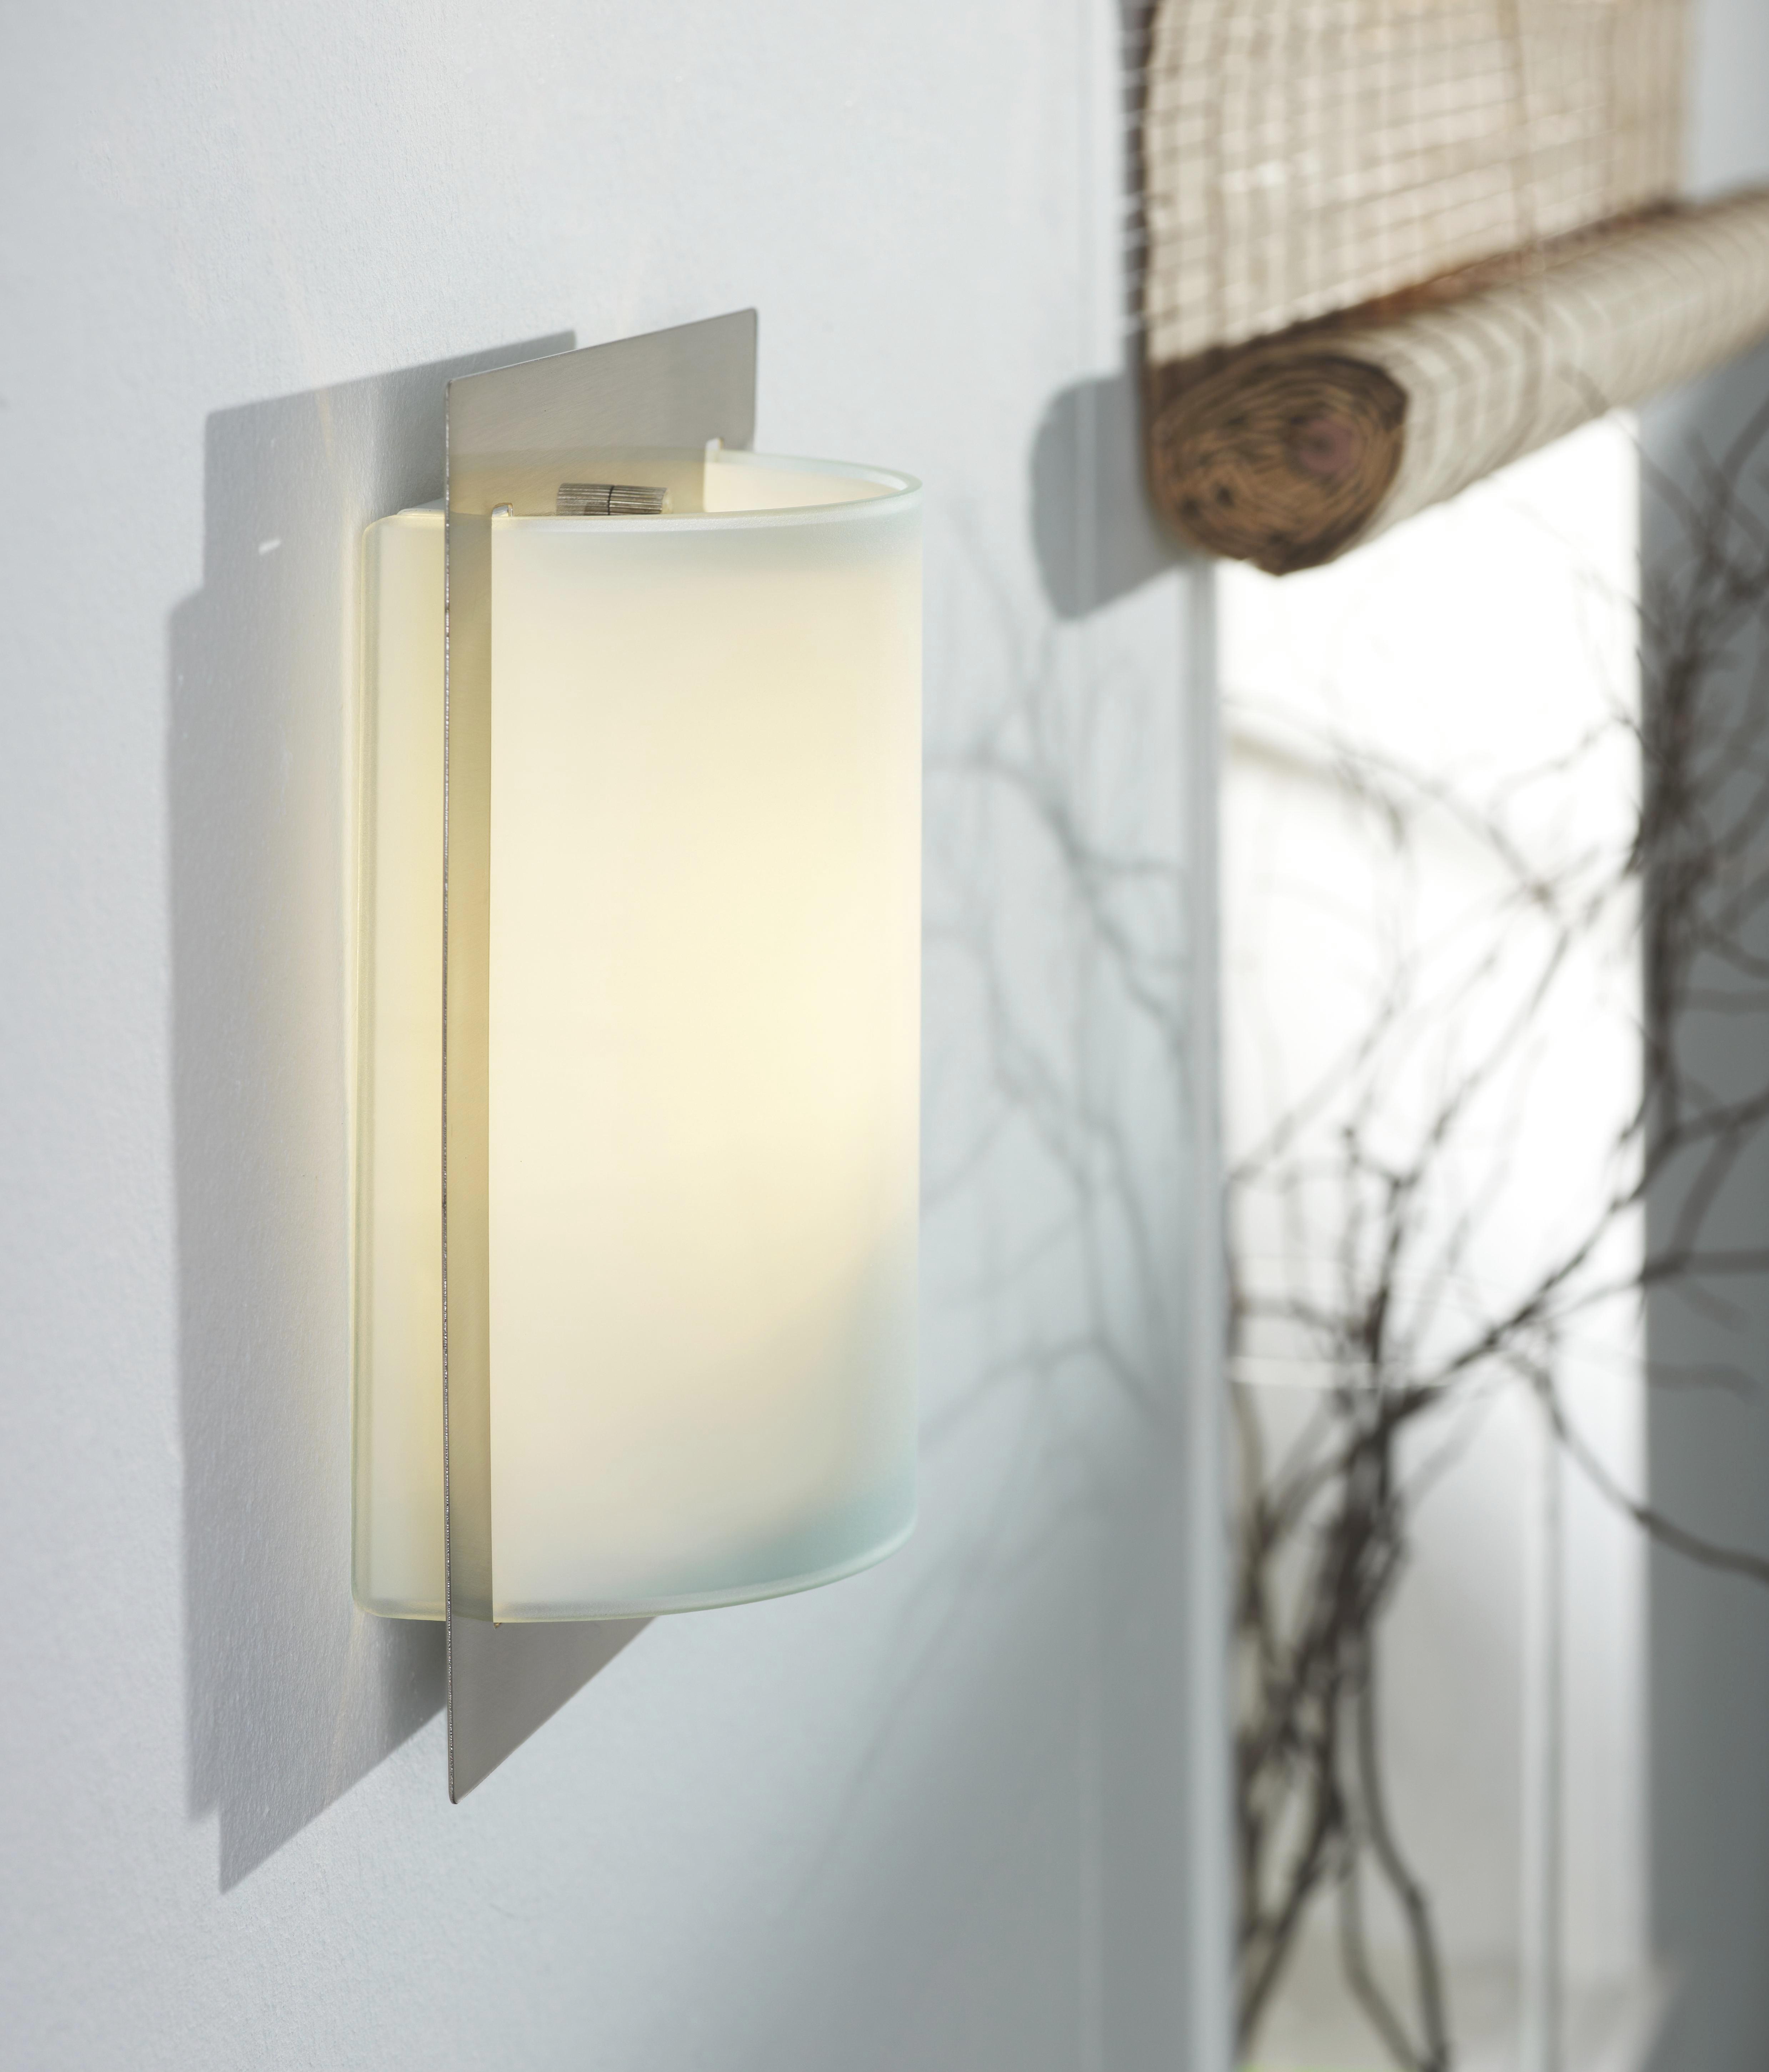 Wandleuchte Luisa, max. 60 Watt - Nickelfarben, KONVENTIONELL, Glas/Metall (20/8,5/25cm) - MÖMAX modern living